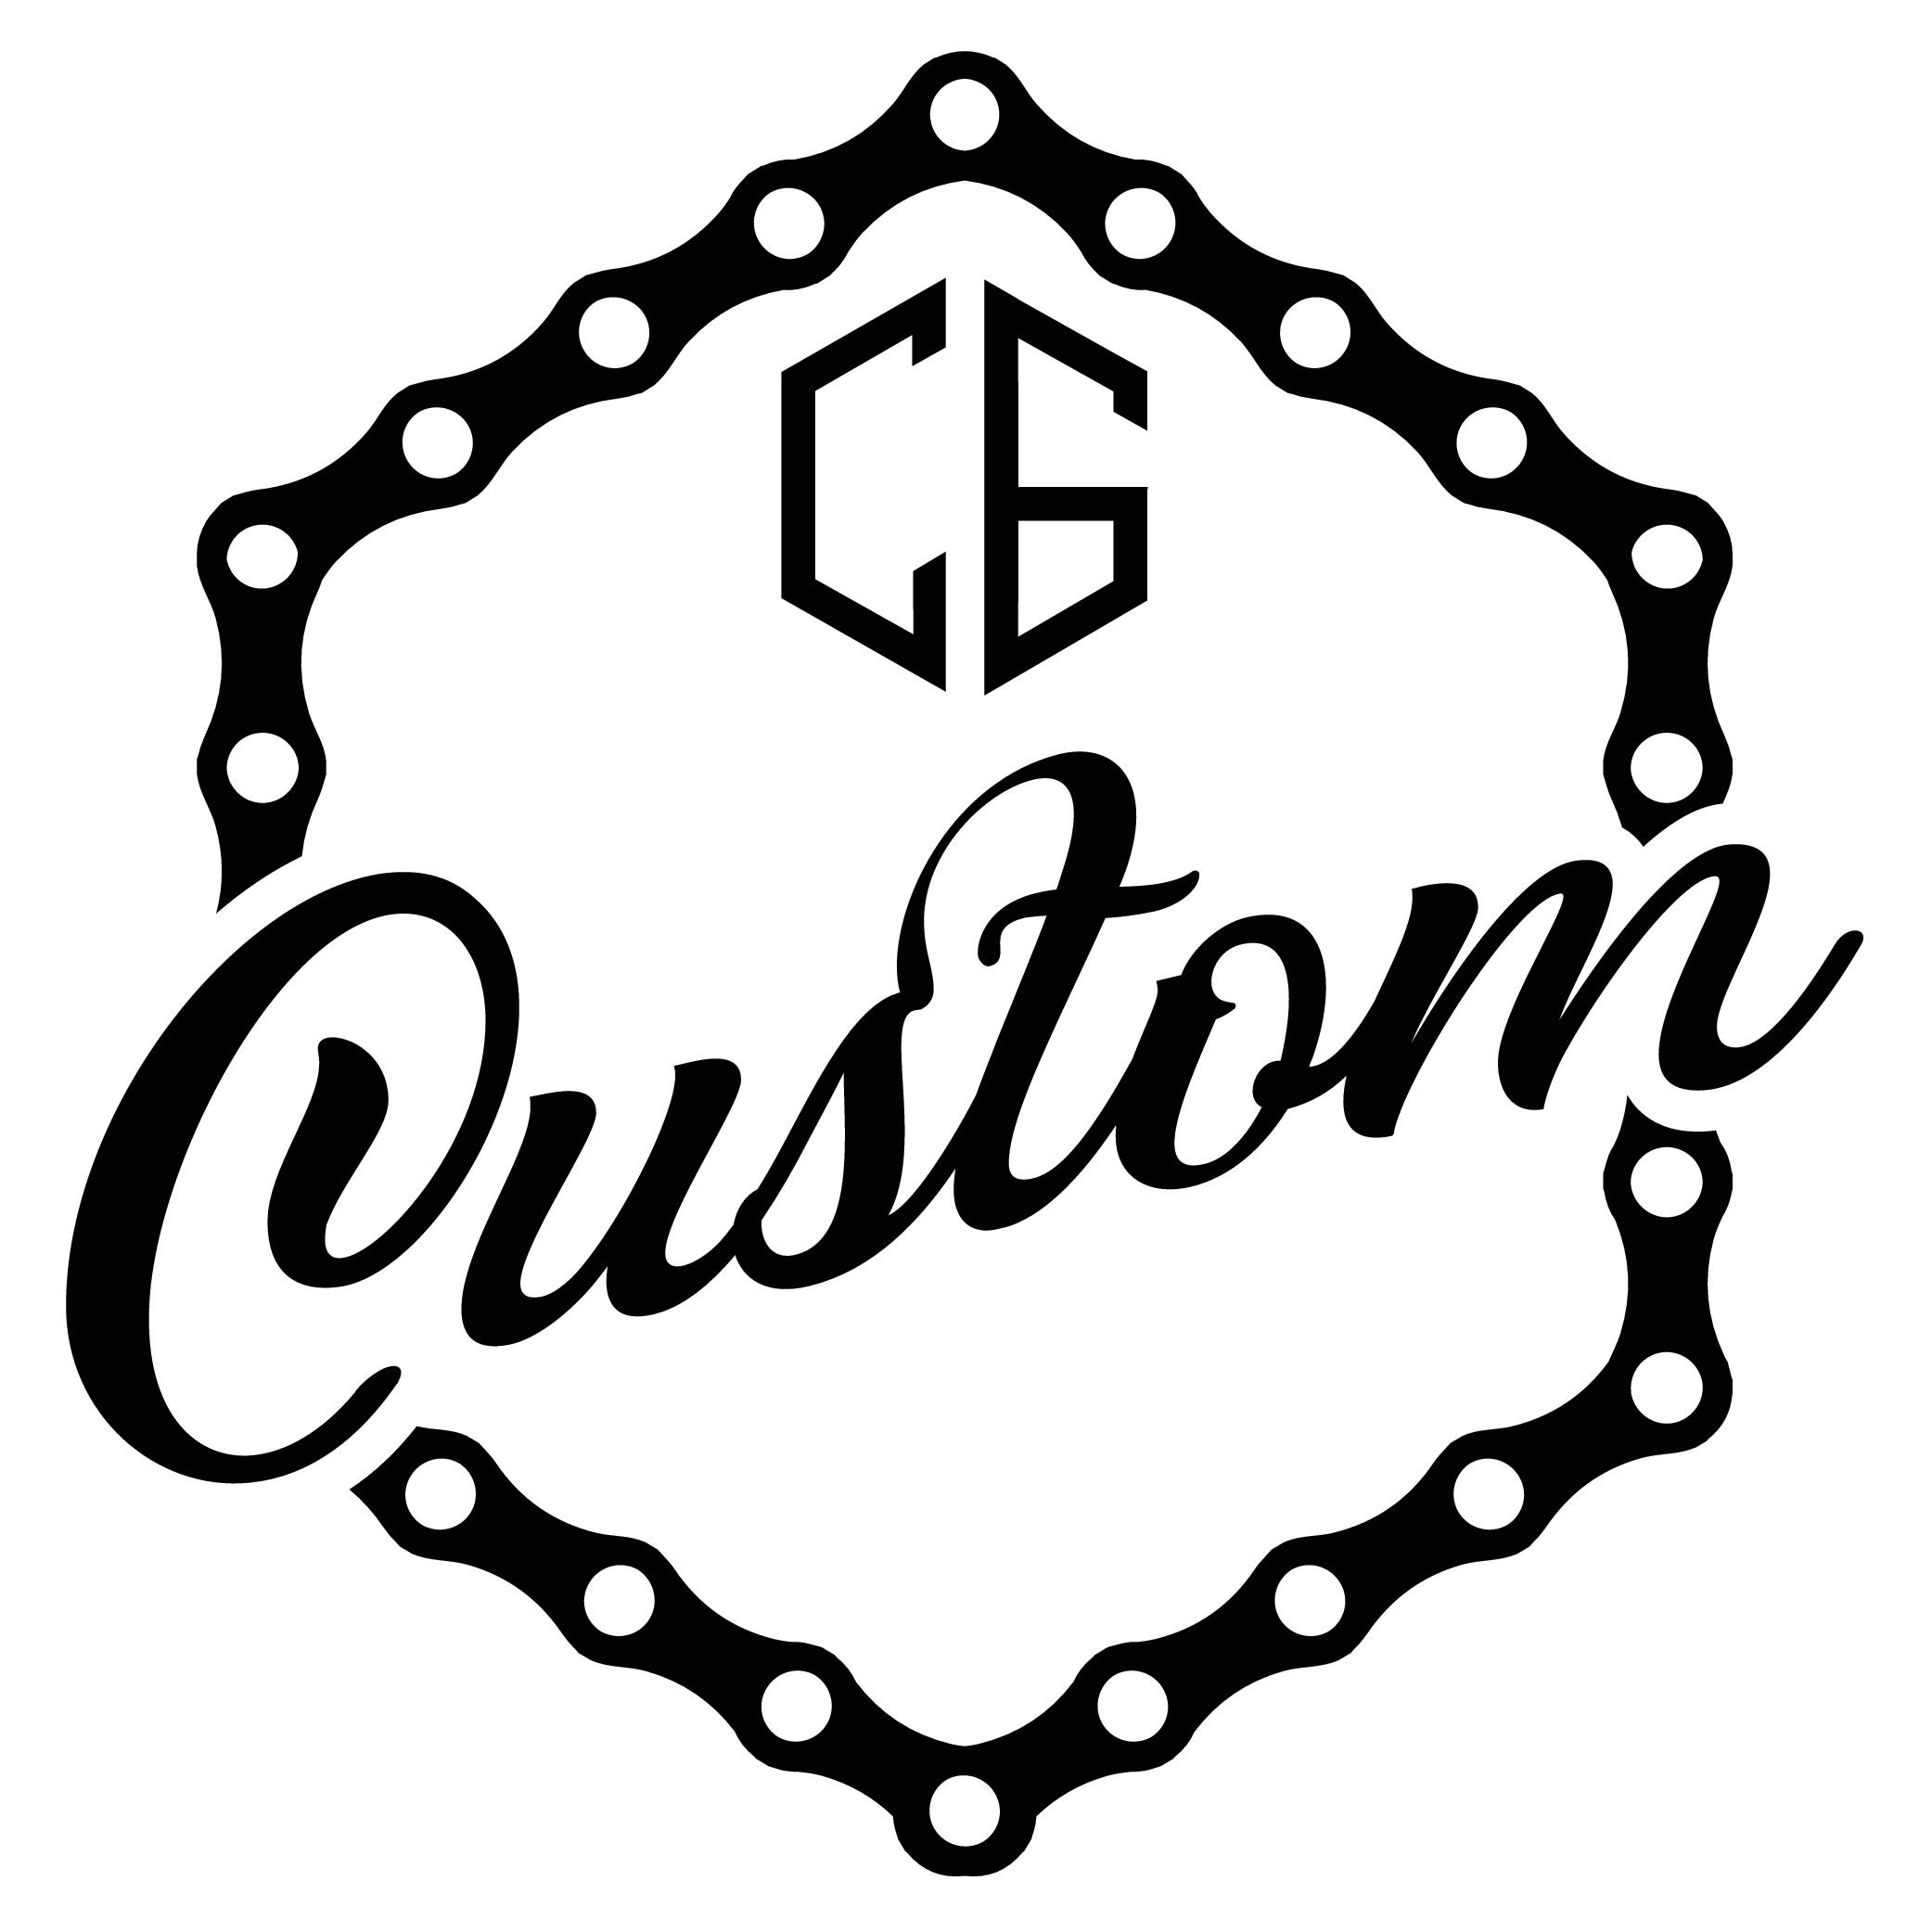 Cyclist-Affficionado needs Logo for his Collection